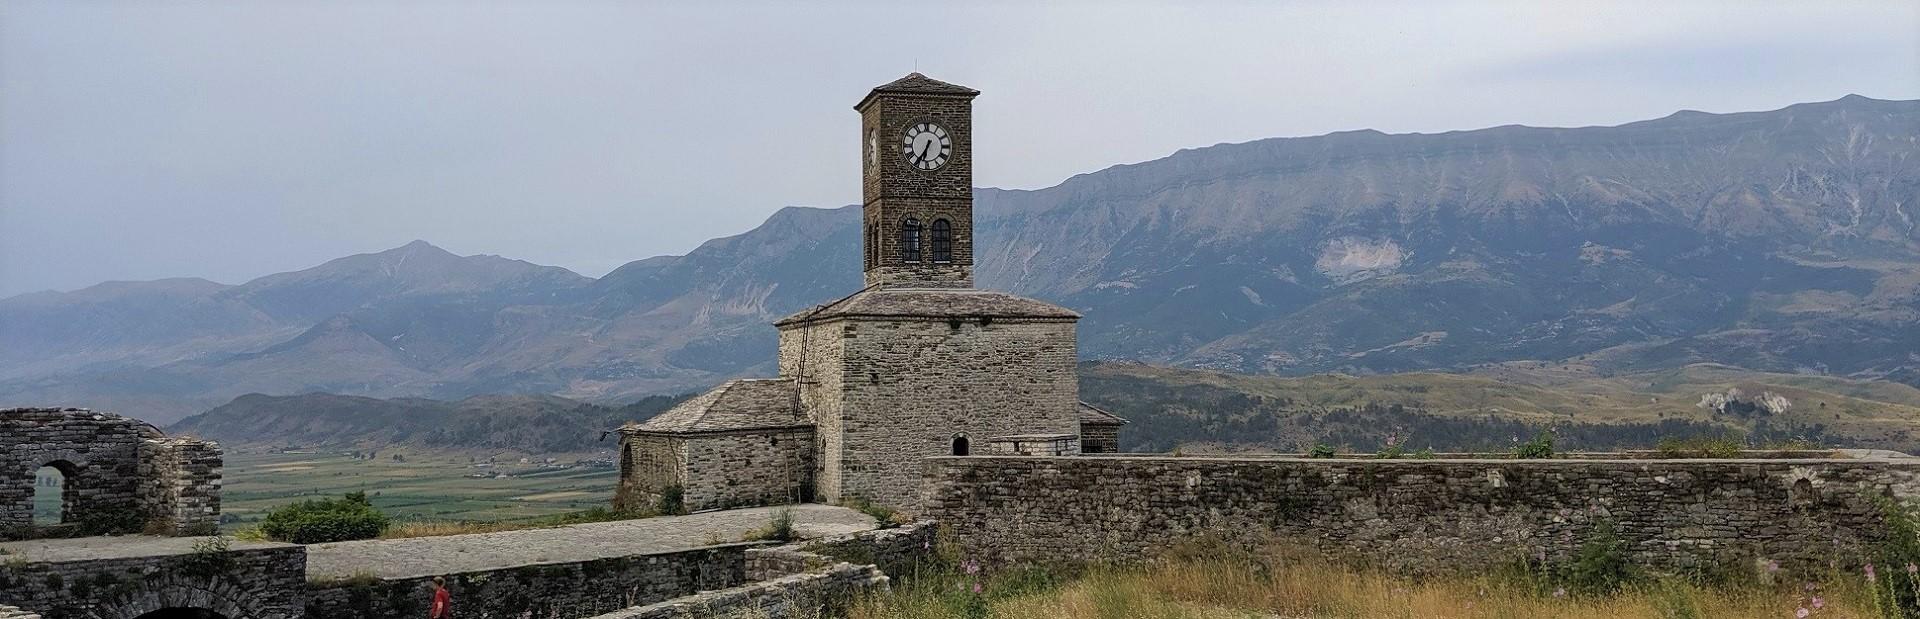 AlbaniaGjirokasterSlider ylli-gashi-GlDr9cZ83FQ-unsplash